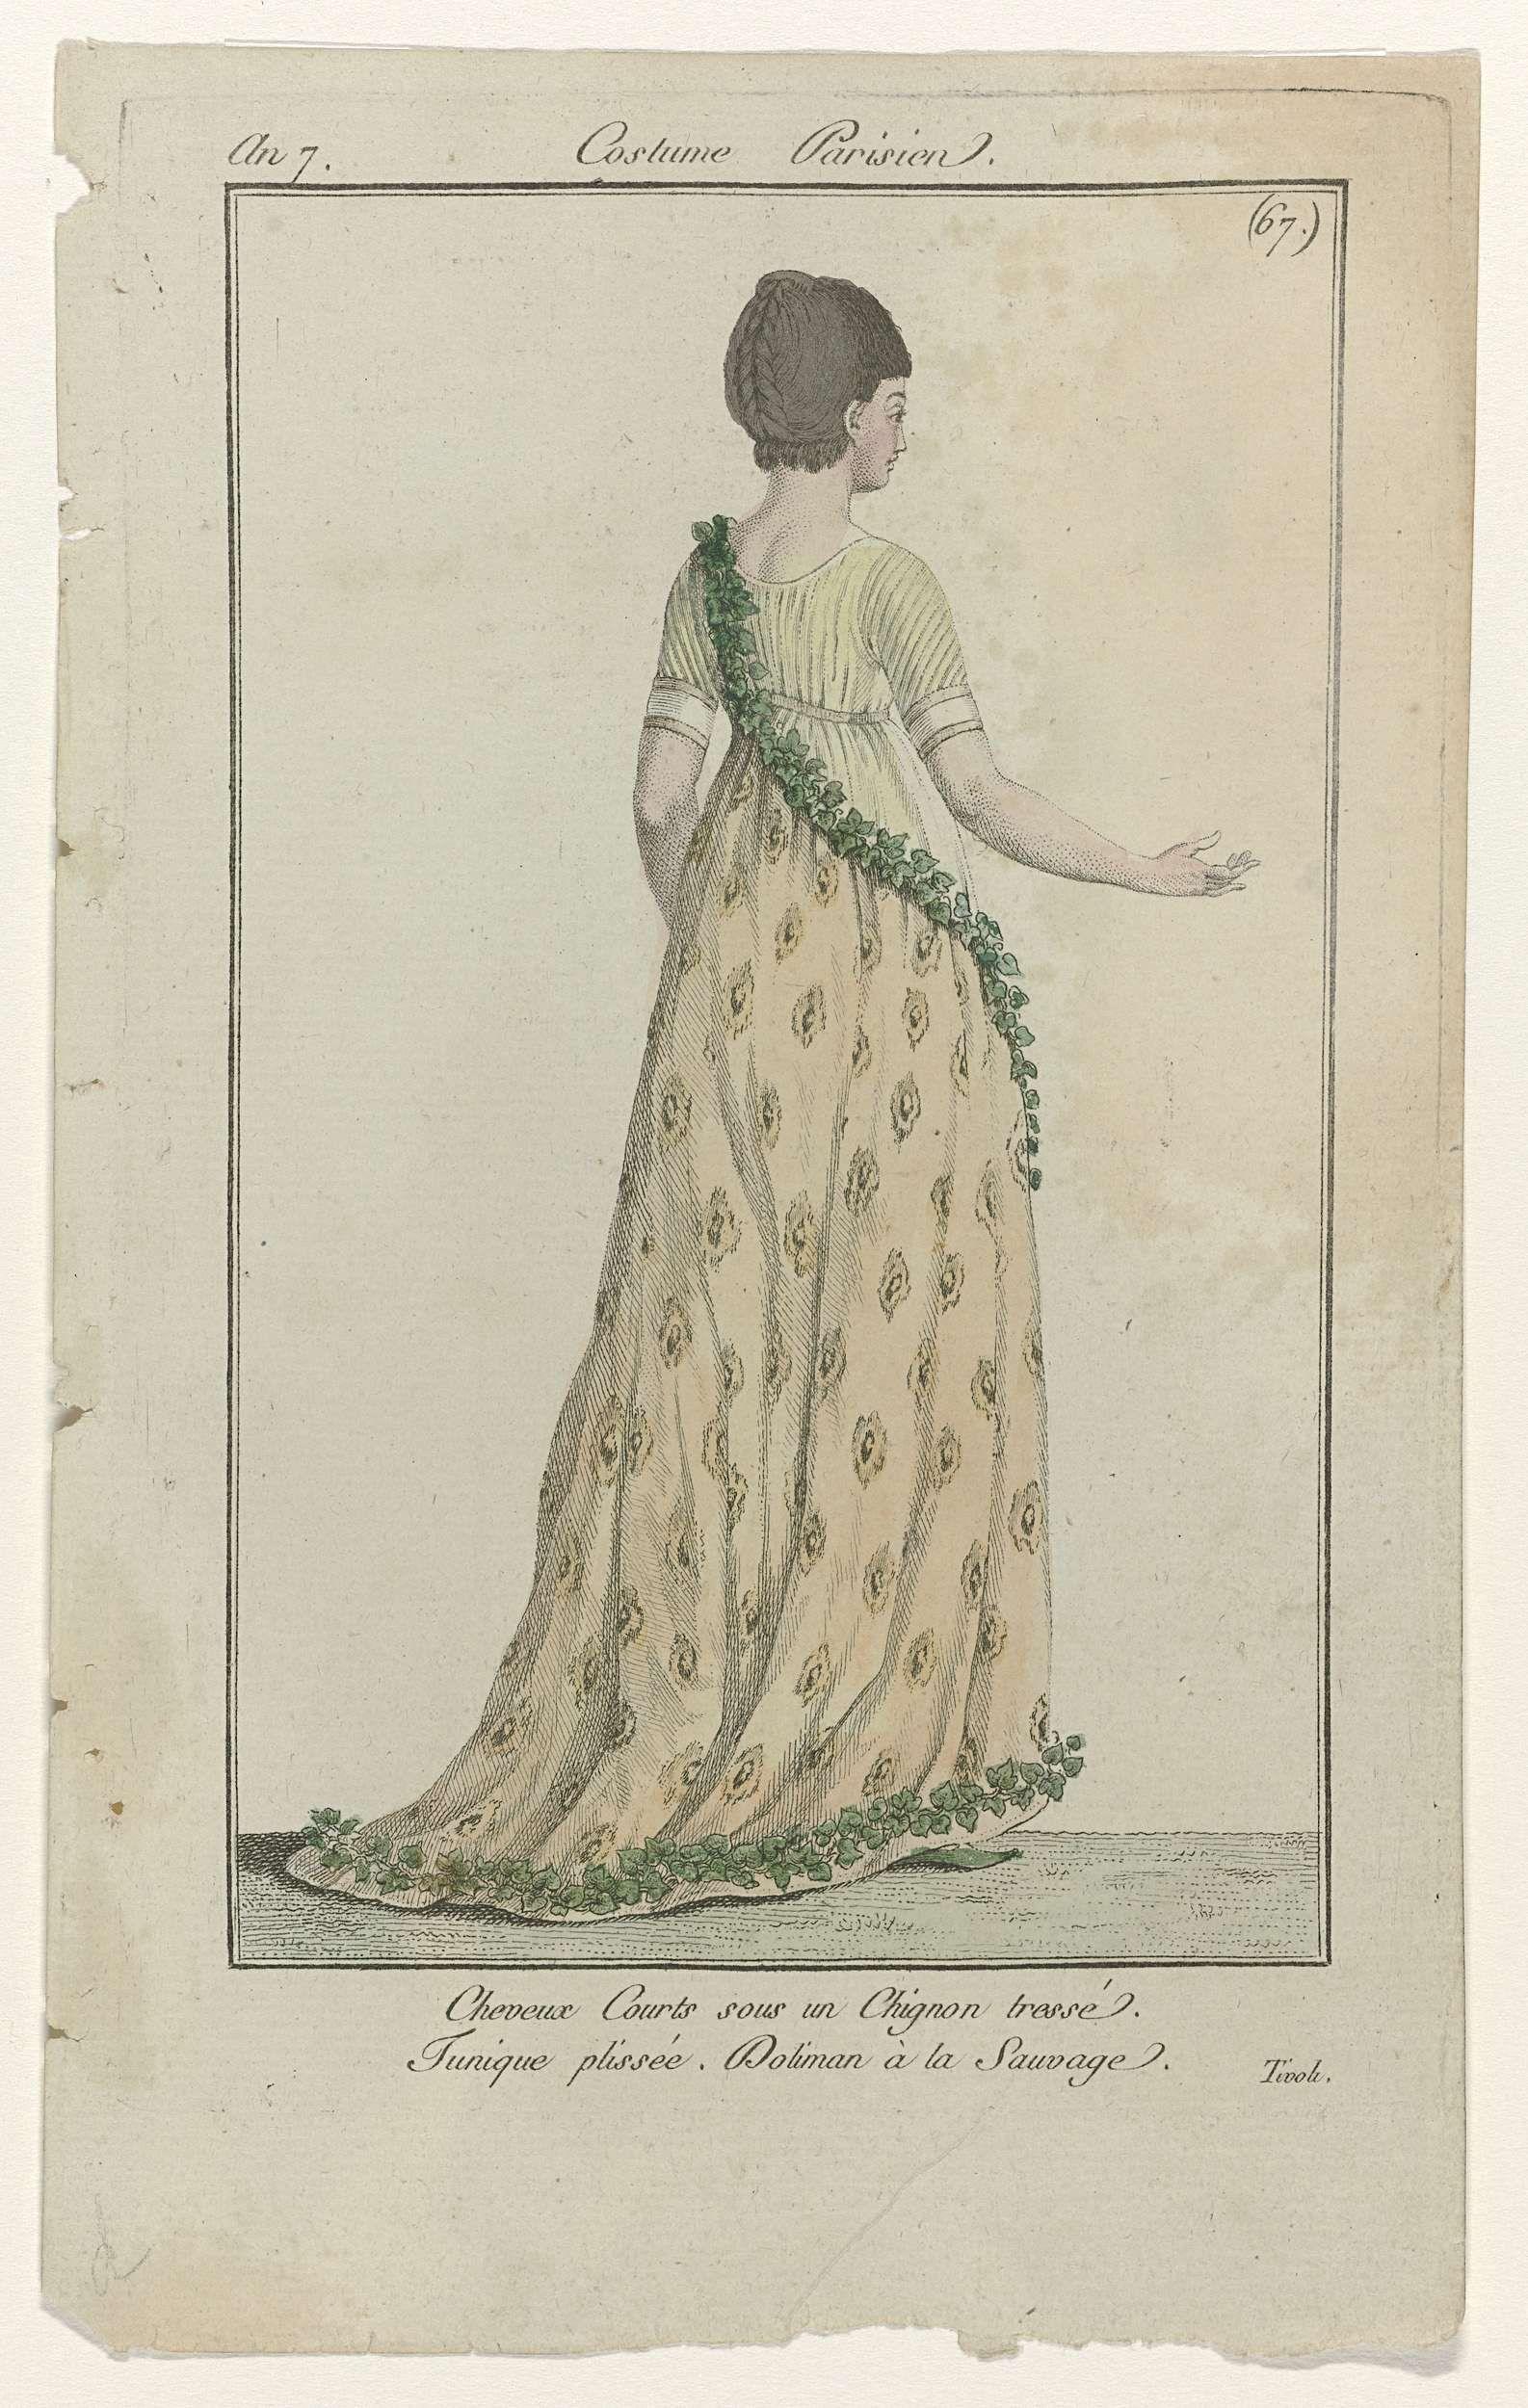 Journal des Dames et des Modes, Costume Parisien, 11 octobre 1798, An 7 (67) : Cheveux Courts..., Anonymous, Sellèque, Pierre de la Mésangère, 1798